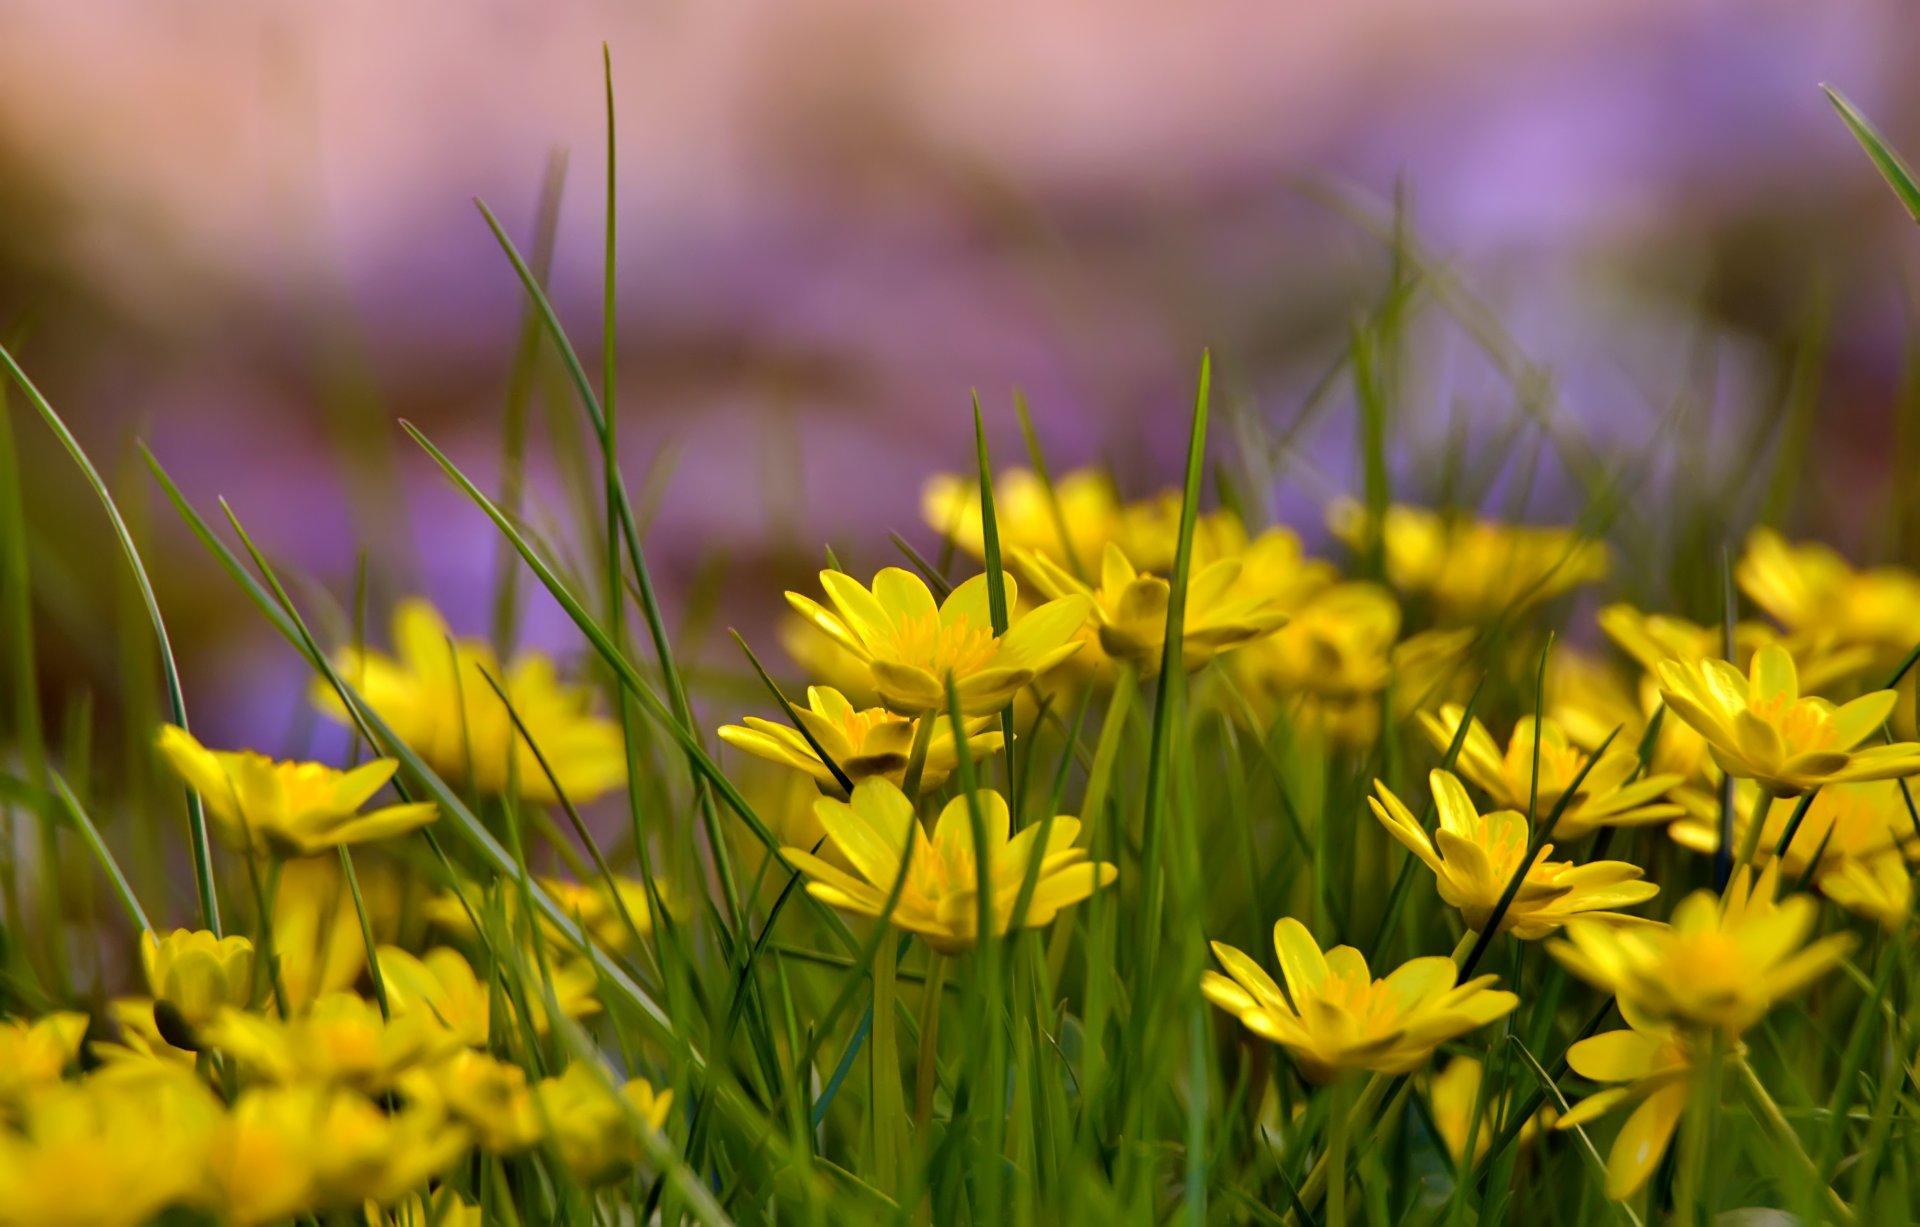 природа цветы желтый nature flowers yellow бесплатно